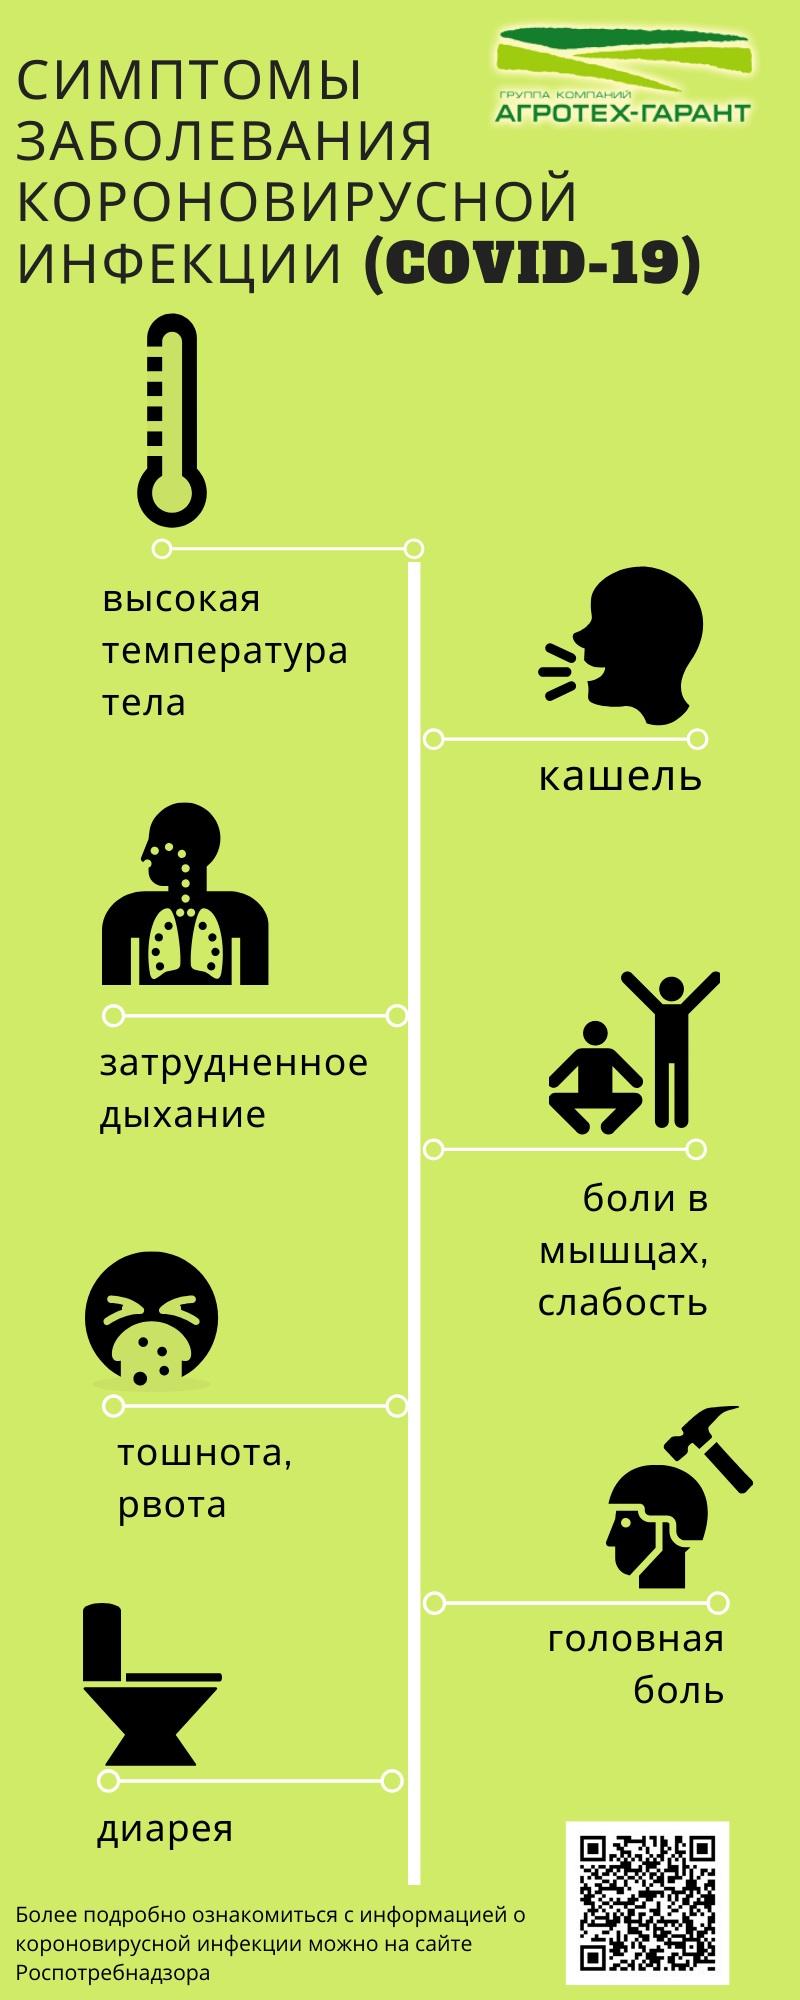 Симптомы заболевания коронавирусной инфекцией